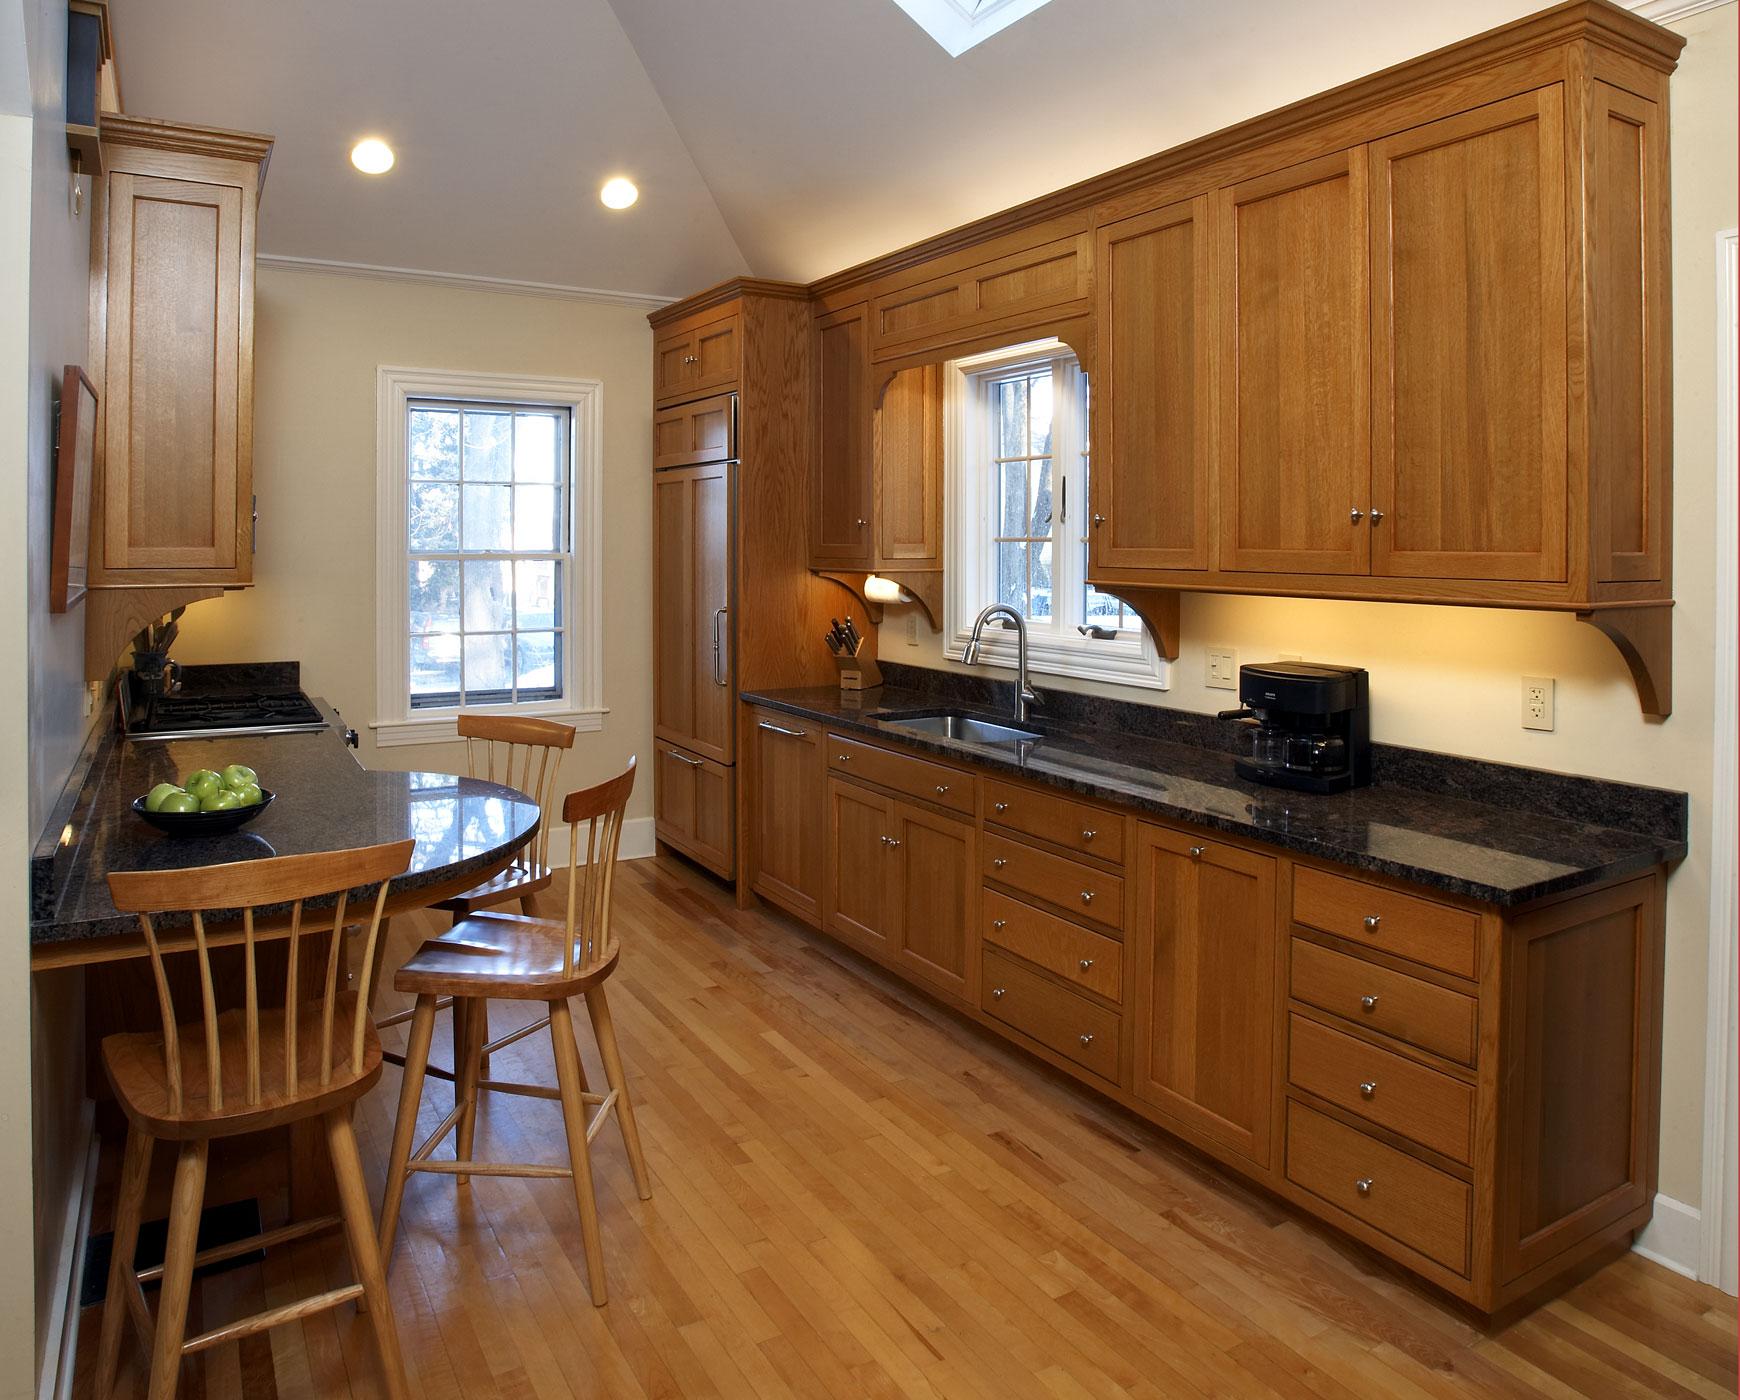 Деревянная кухня с каменной столешницей